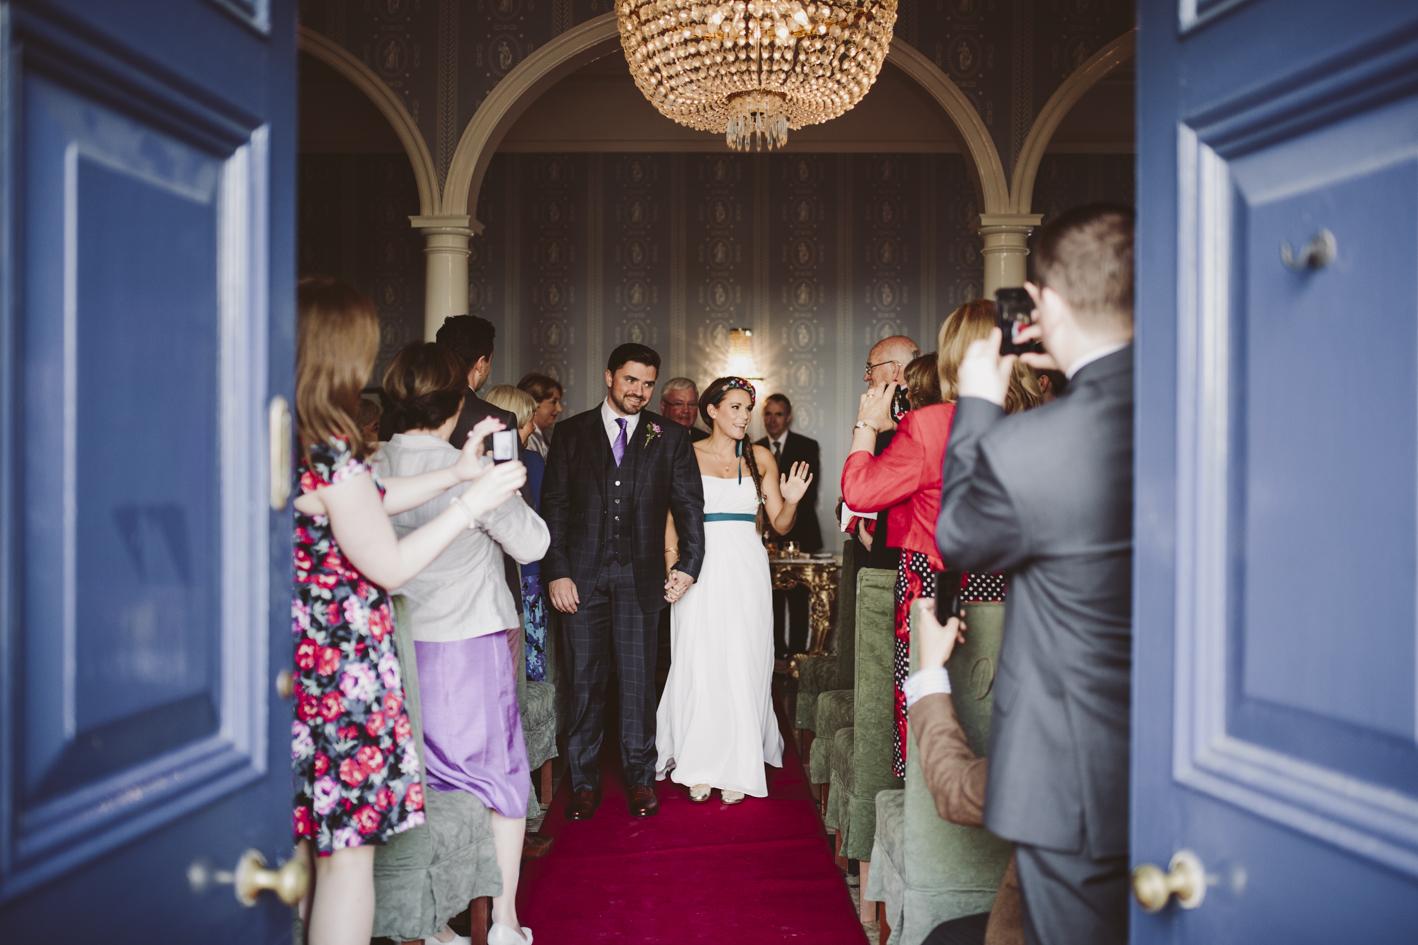 Wedding photographer Ireland Graciela Vilagudin 817.jpg